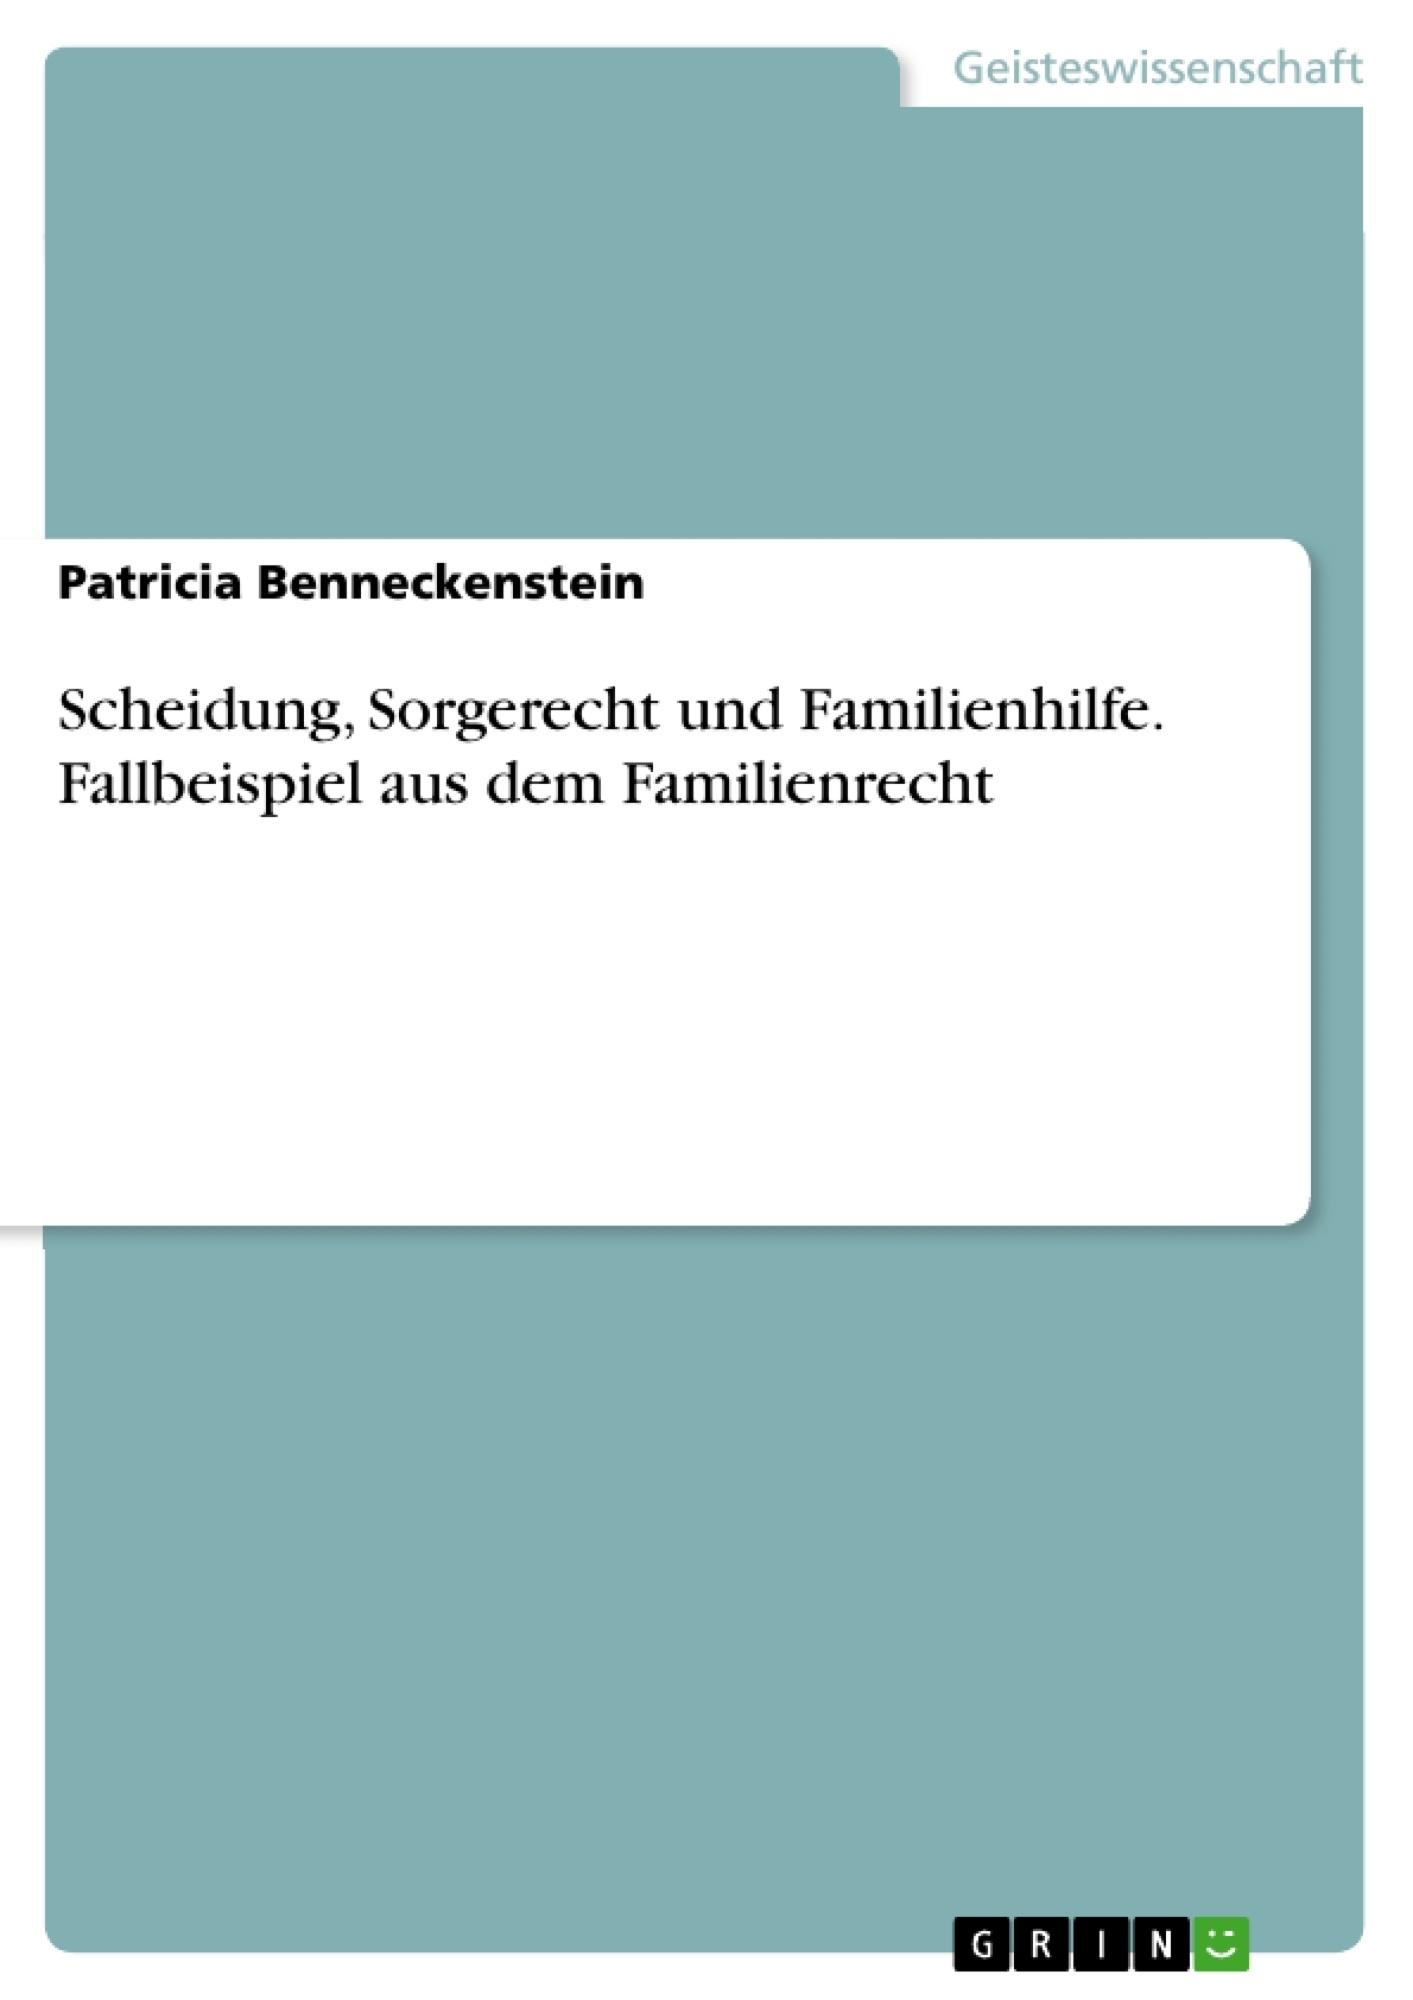 Titel: Scheidung, Sorgerecht und Familienhilfe. Fallbeispiel aus dem Familienrecht